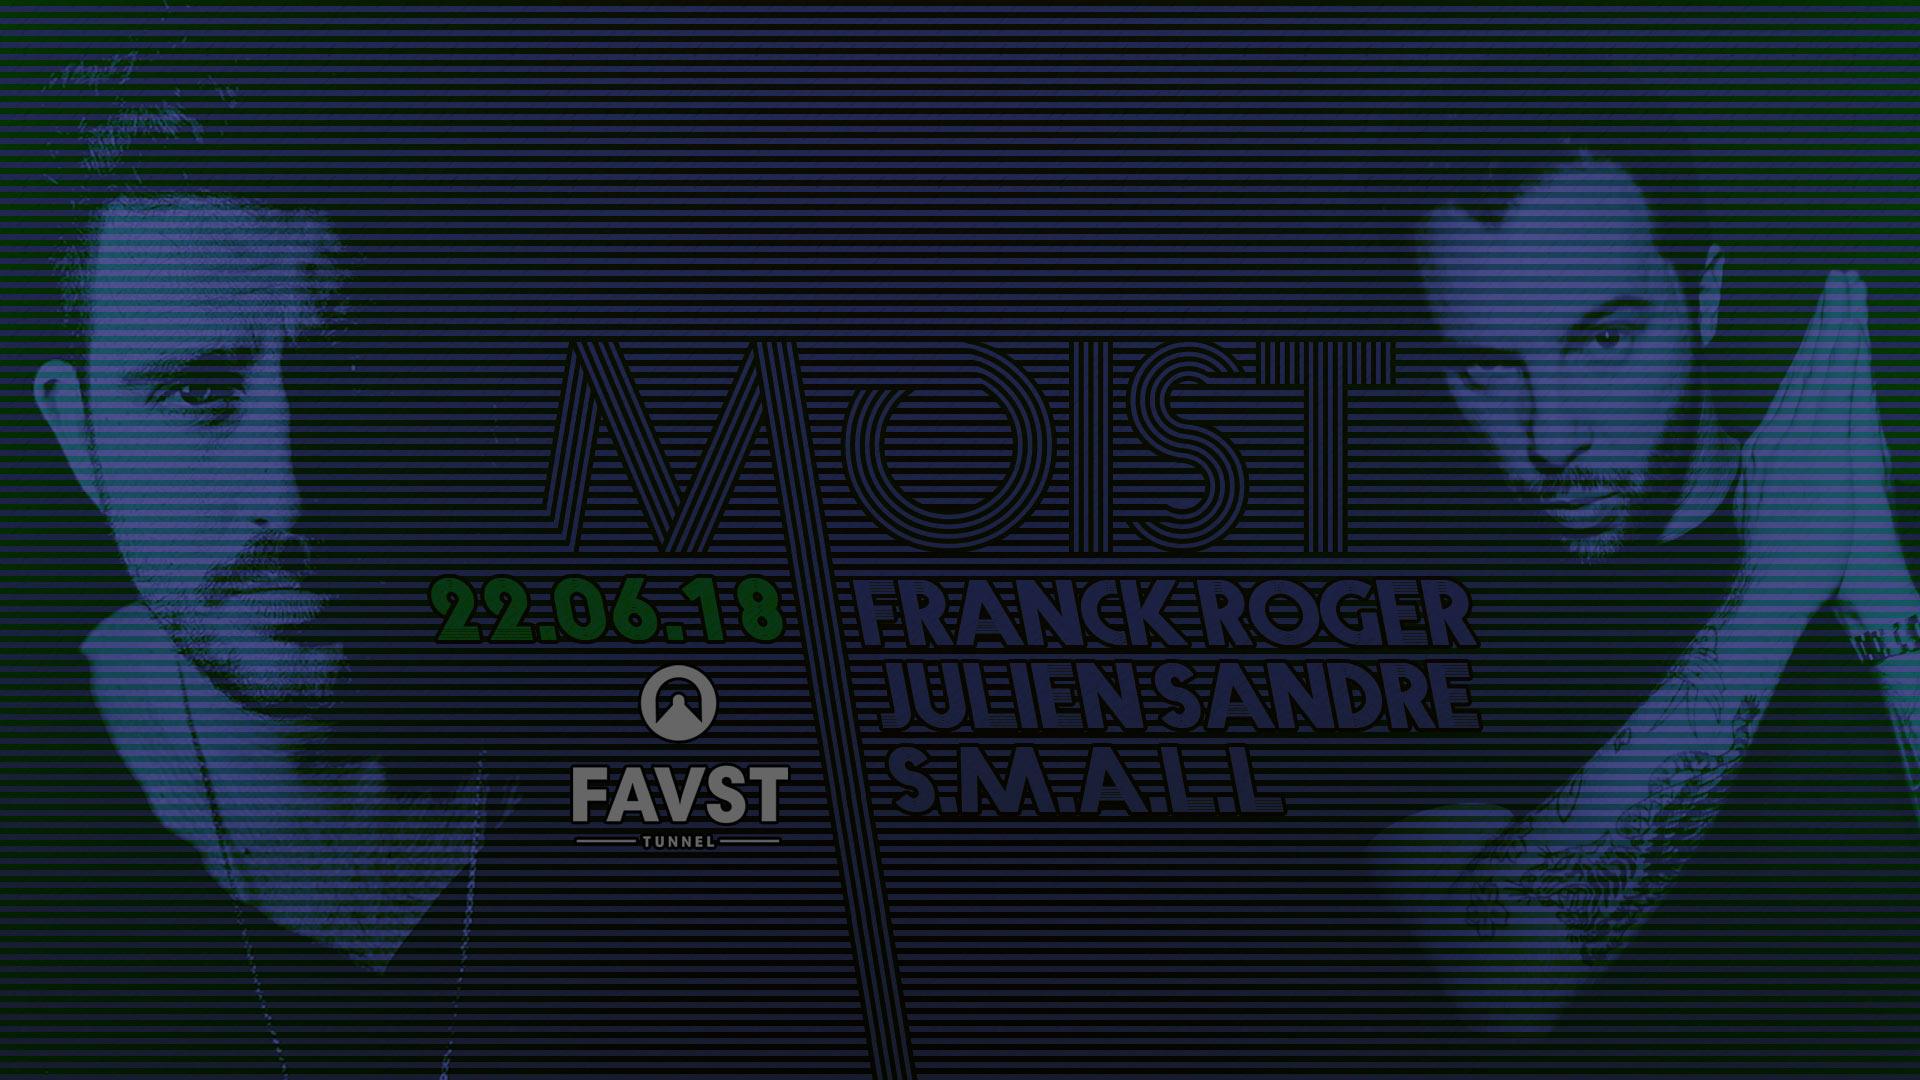 Faust x Moist : Franck Roger, Julien Sandre, SMALL